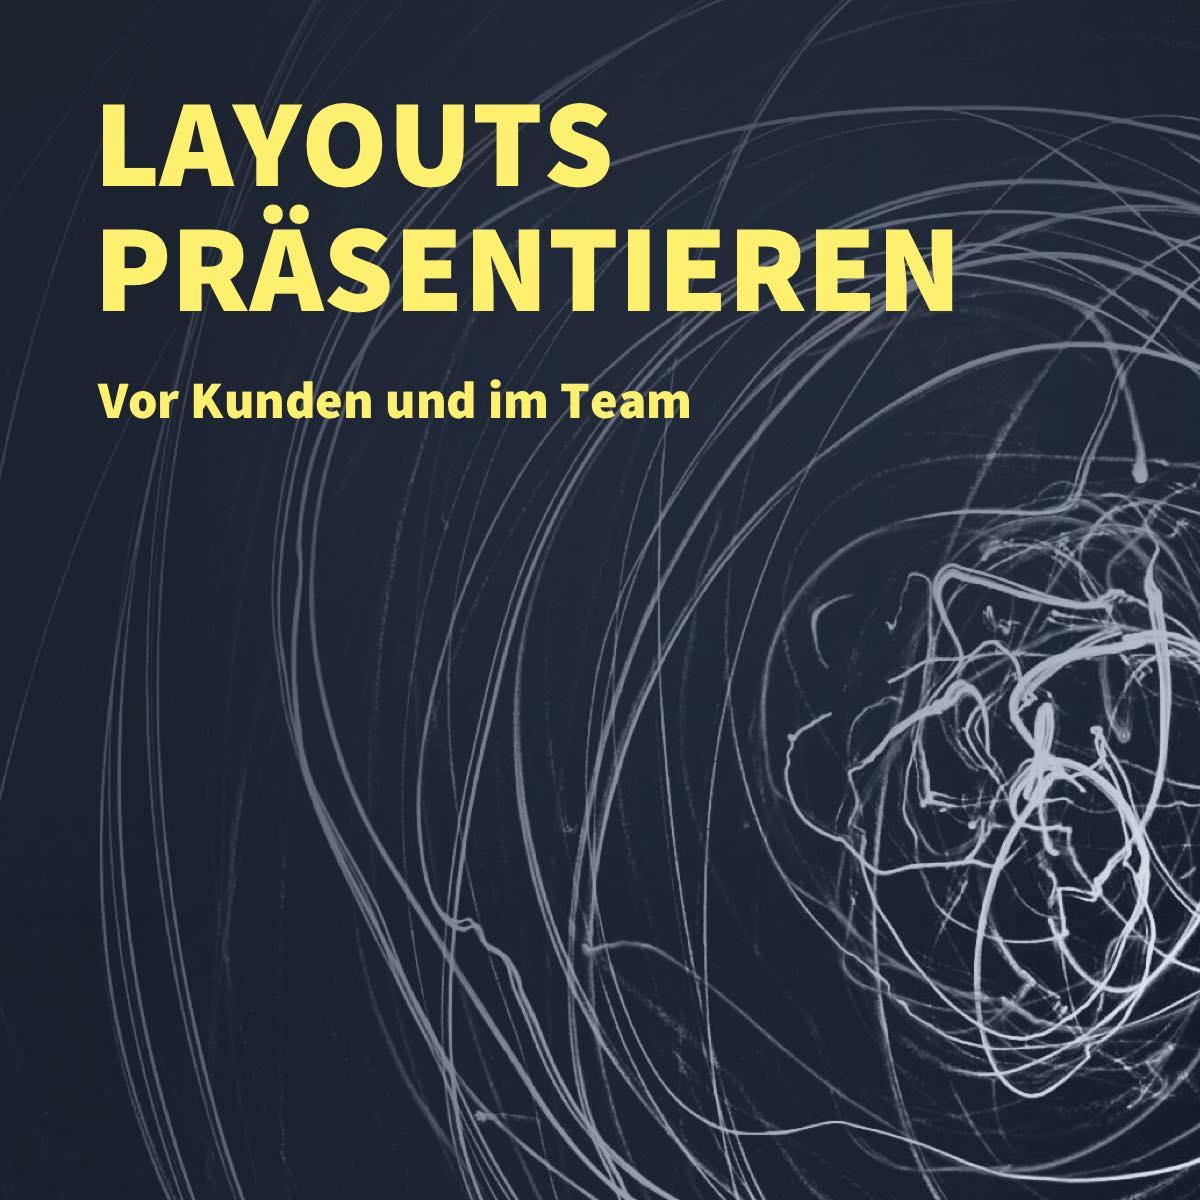 Dein Layout richtig präsentieren - Webdesign und UI/UX Projekte